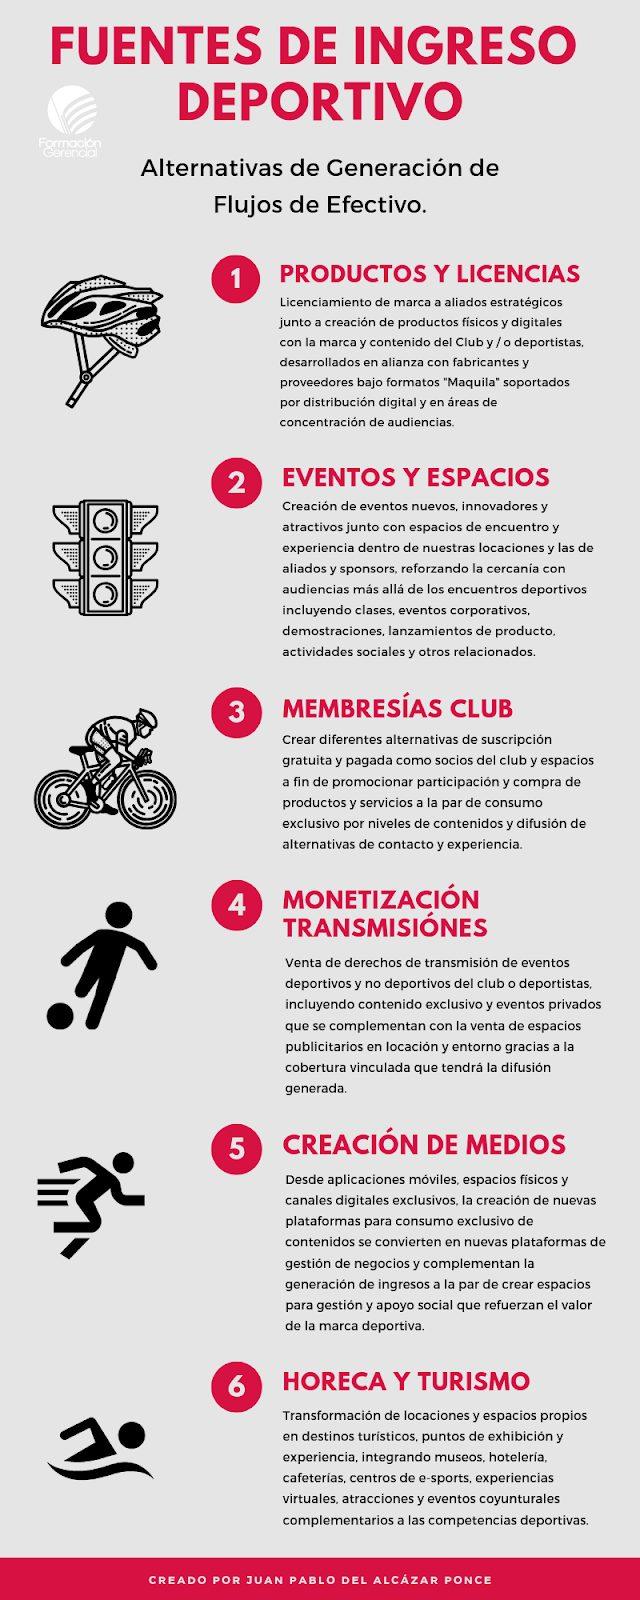 Fuentes de ingreso deportivo - Alternativas de generación de flujos de efectivo